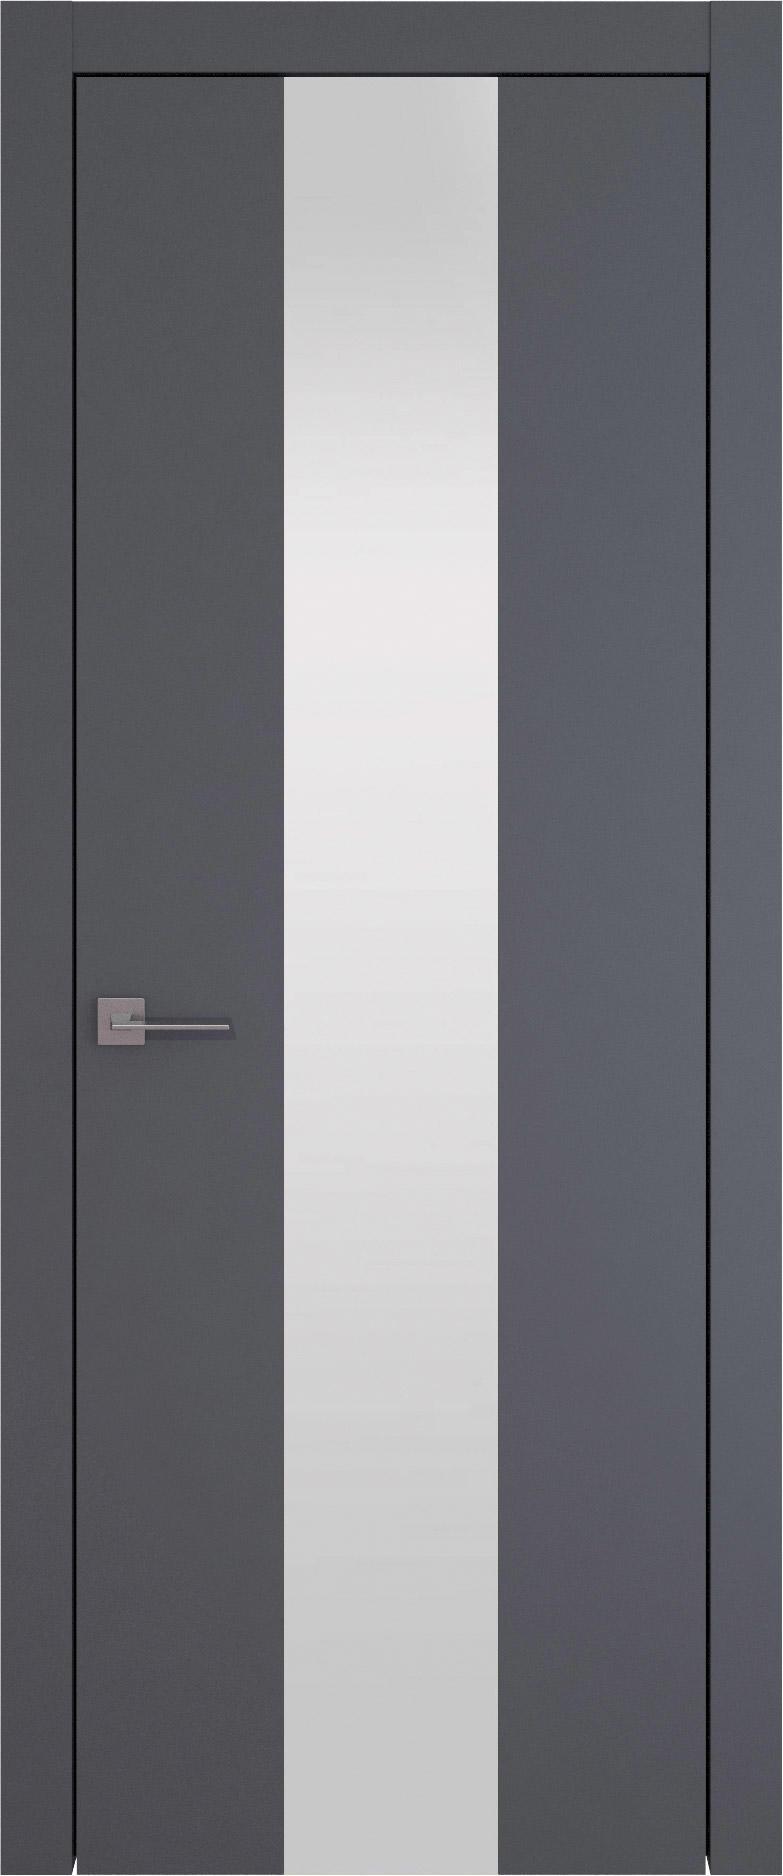 Tivoli Ж-1 цвет - Графитово-серая эмаль (RAL 7024) Со стеклом (ДО)